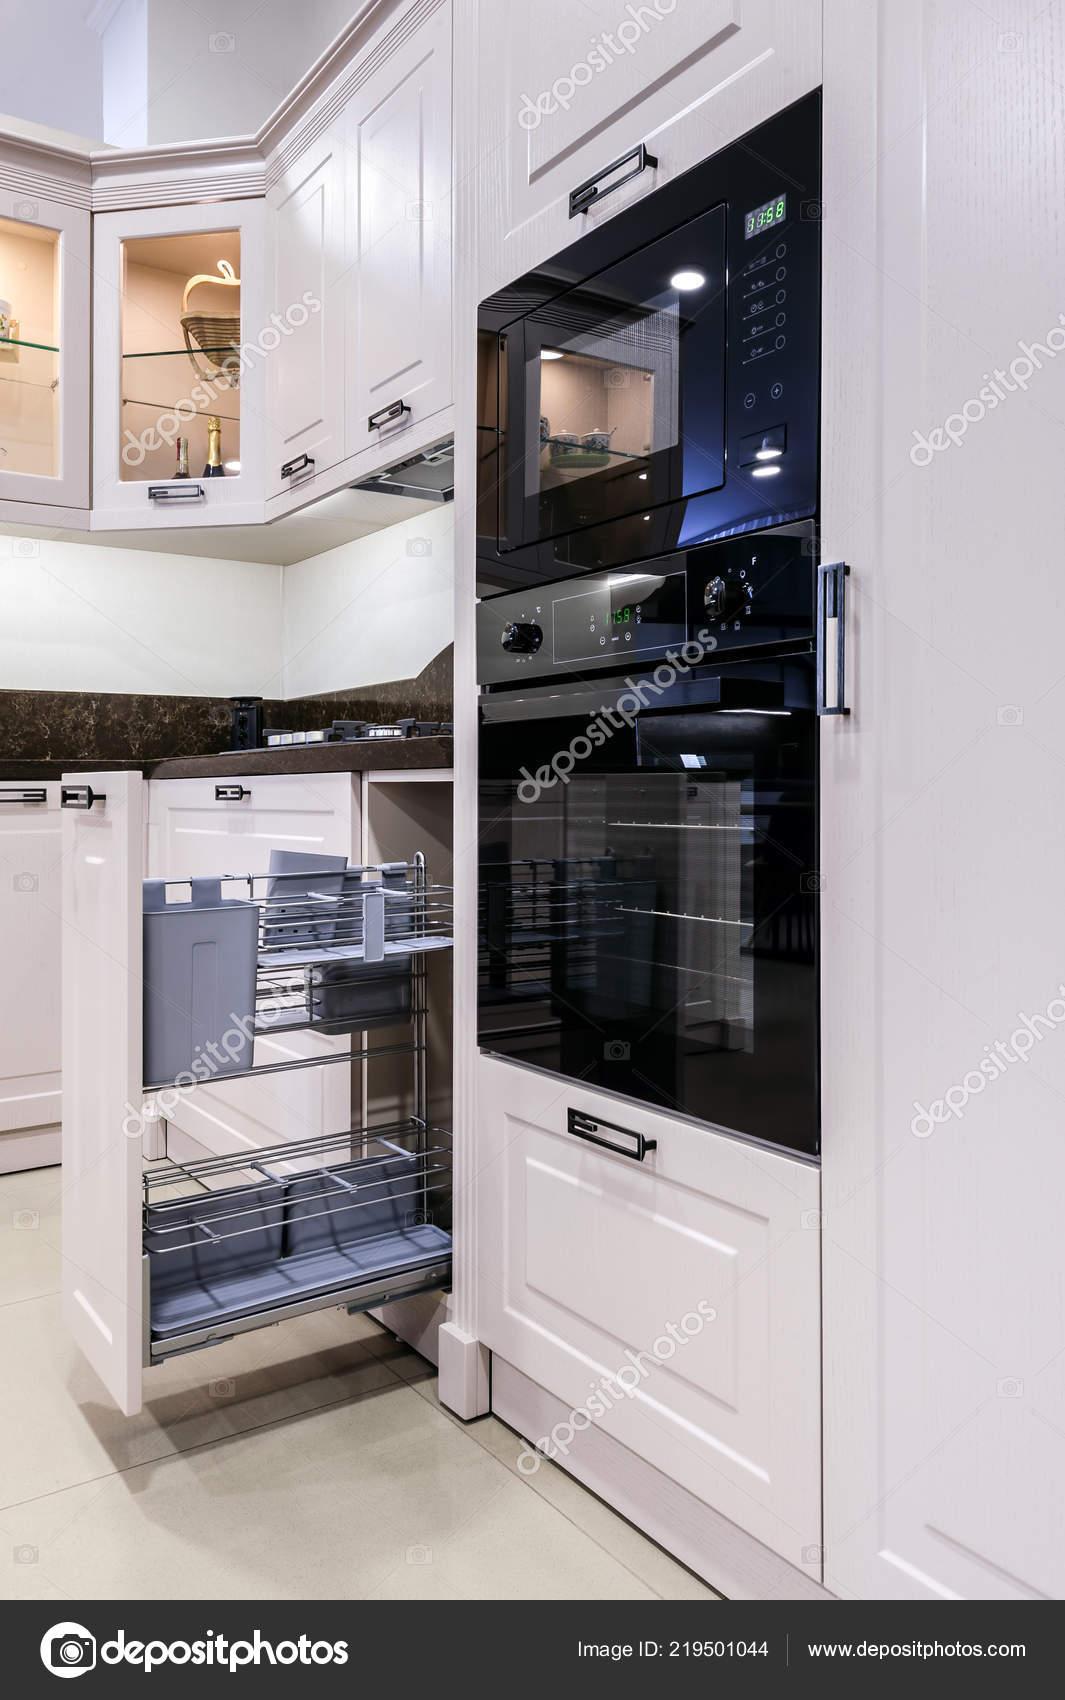 Entzuckend Luxus Modern Beige Küche Interieur U2014 Stockfoto